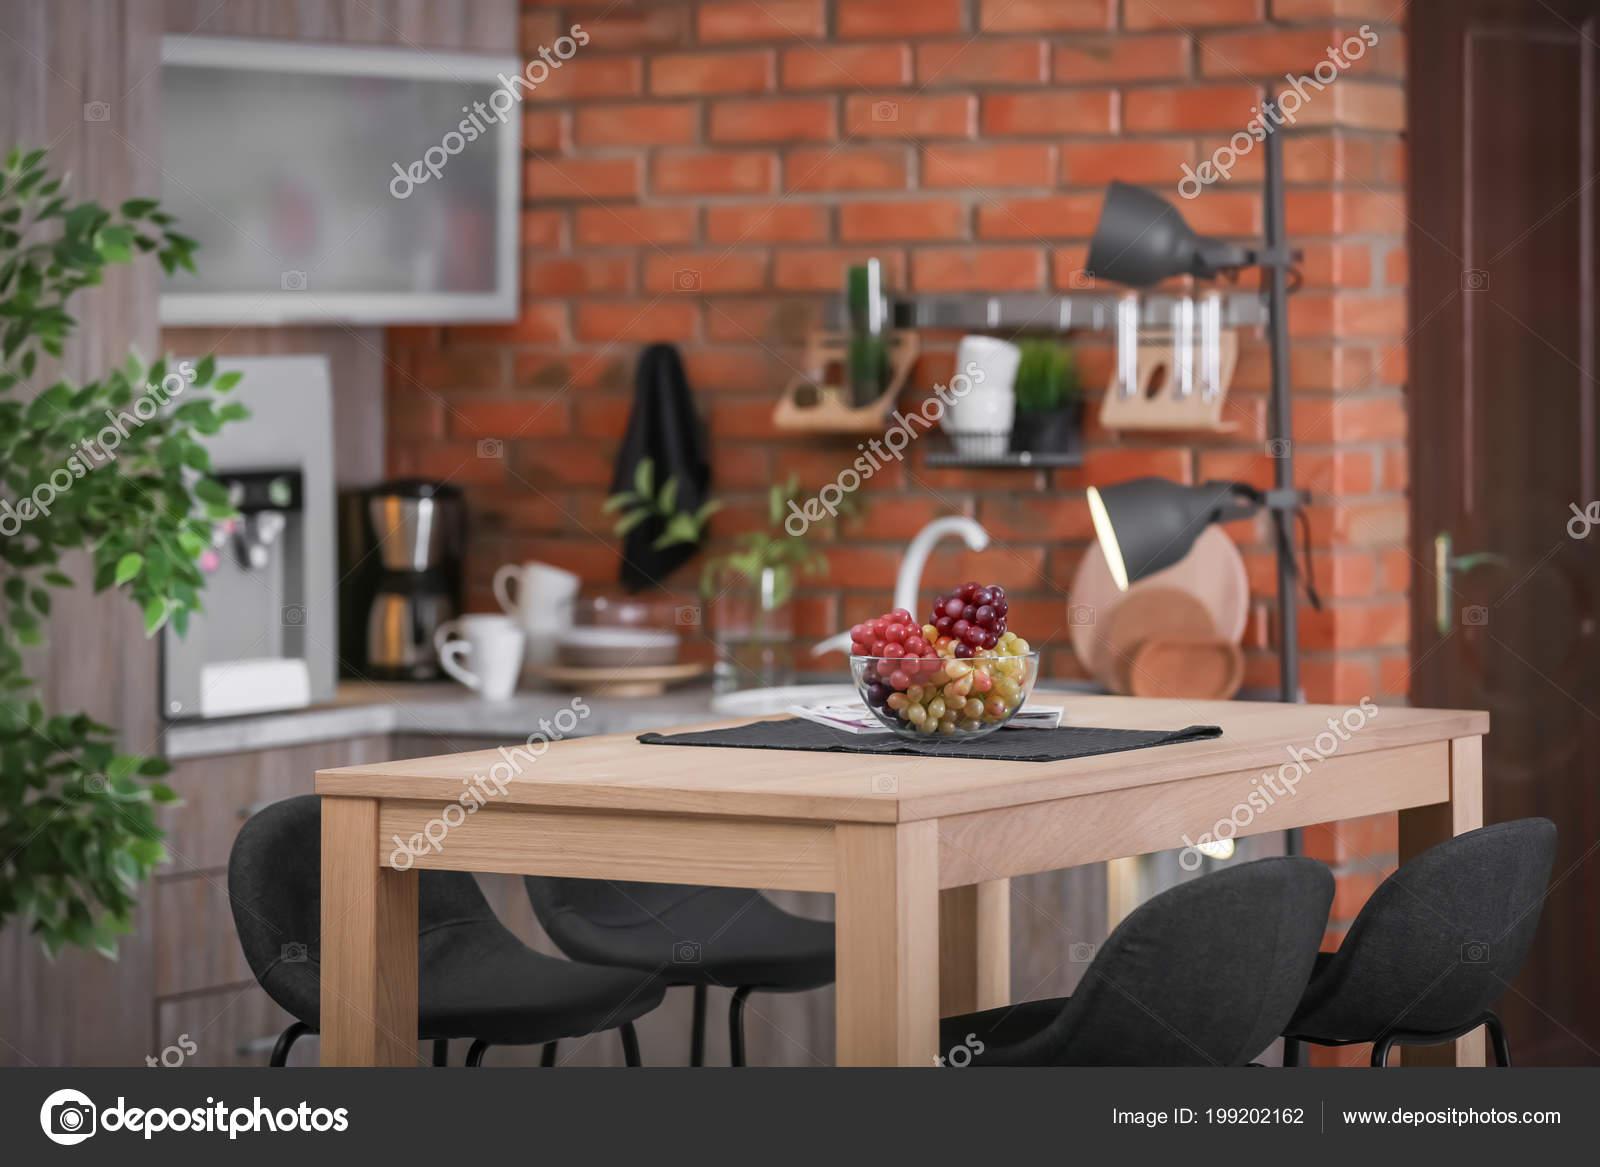 Stylish kitchen interior in apartment. Idea for home design 12